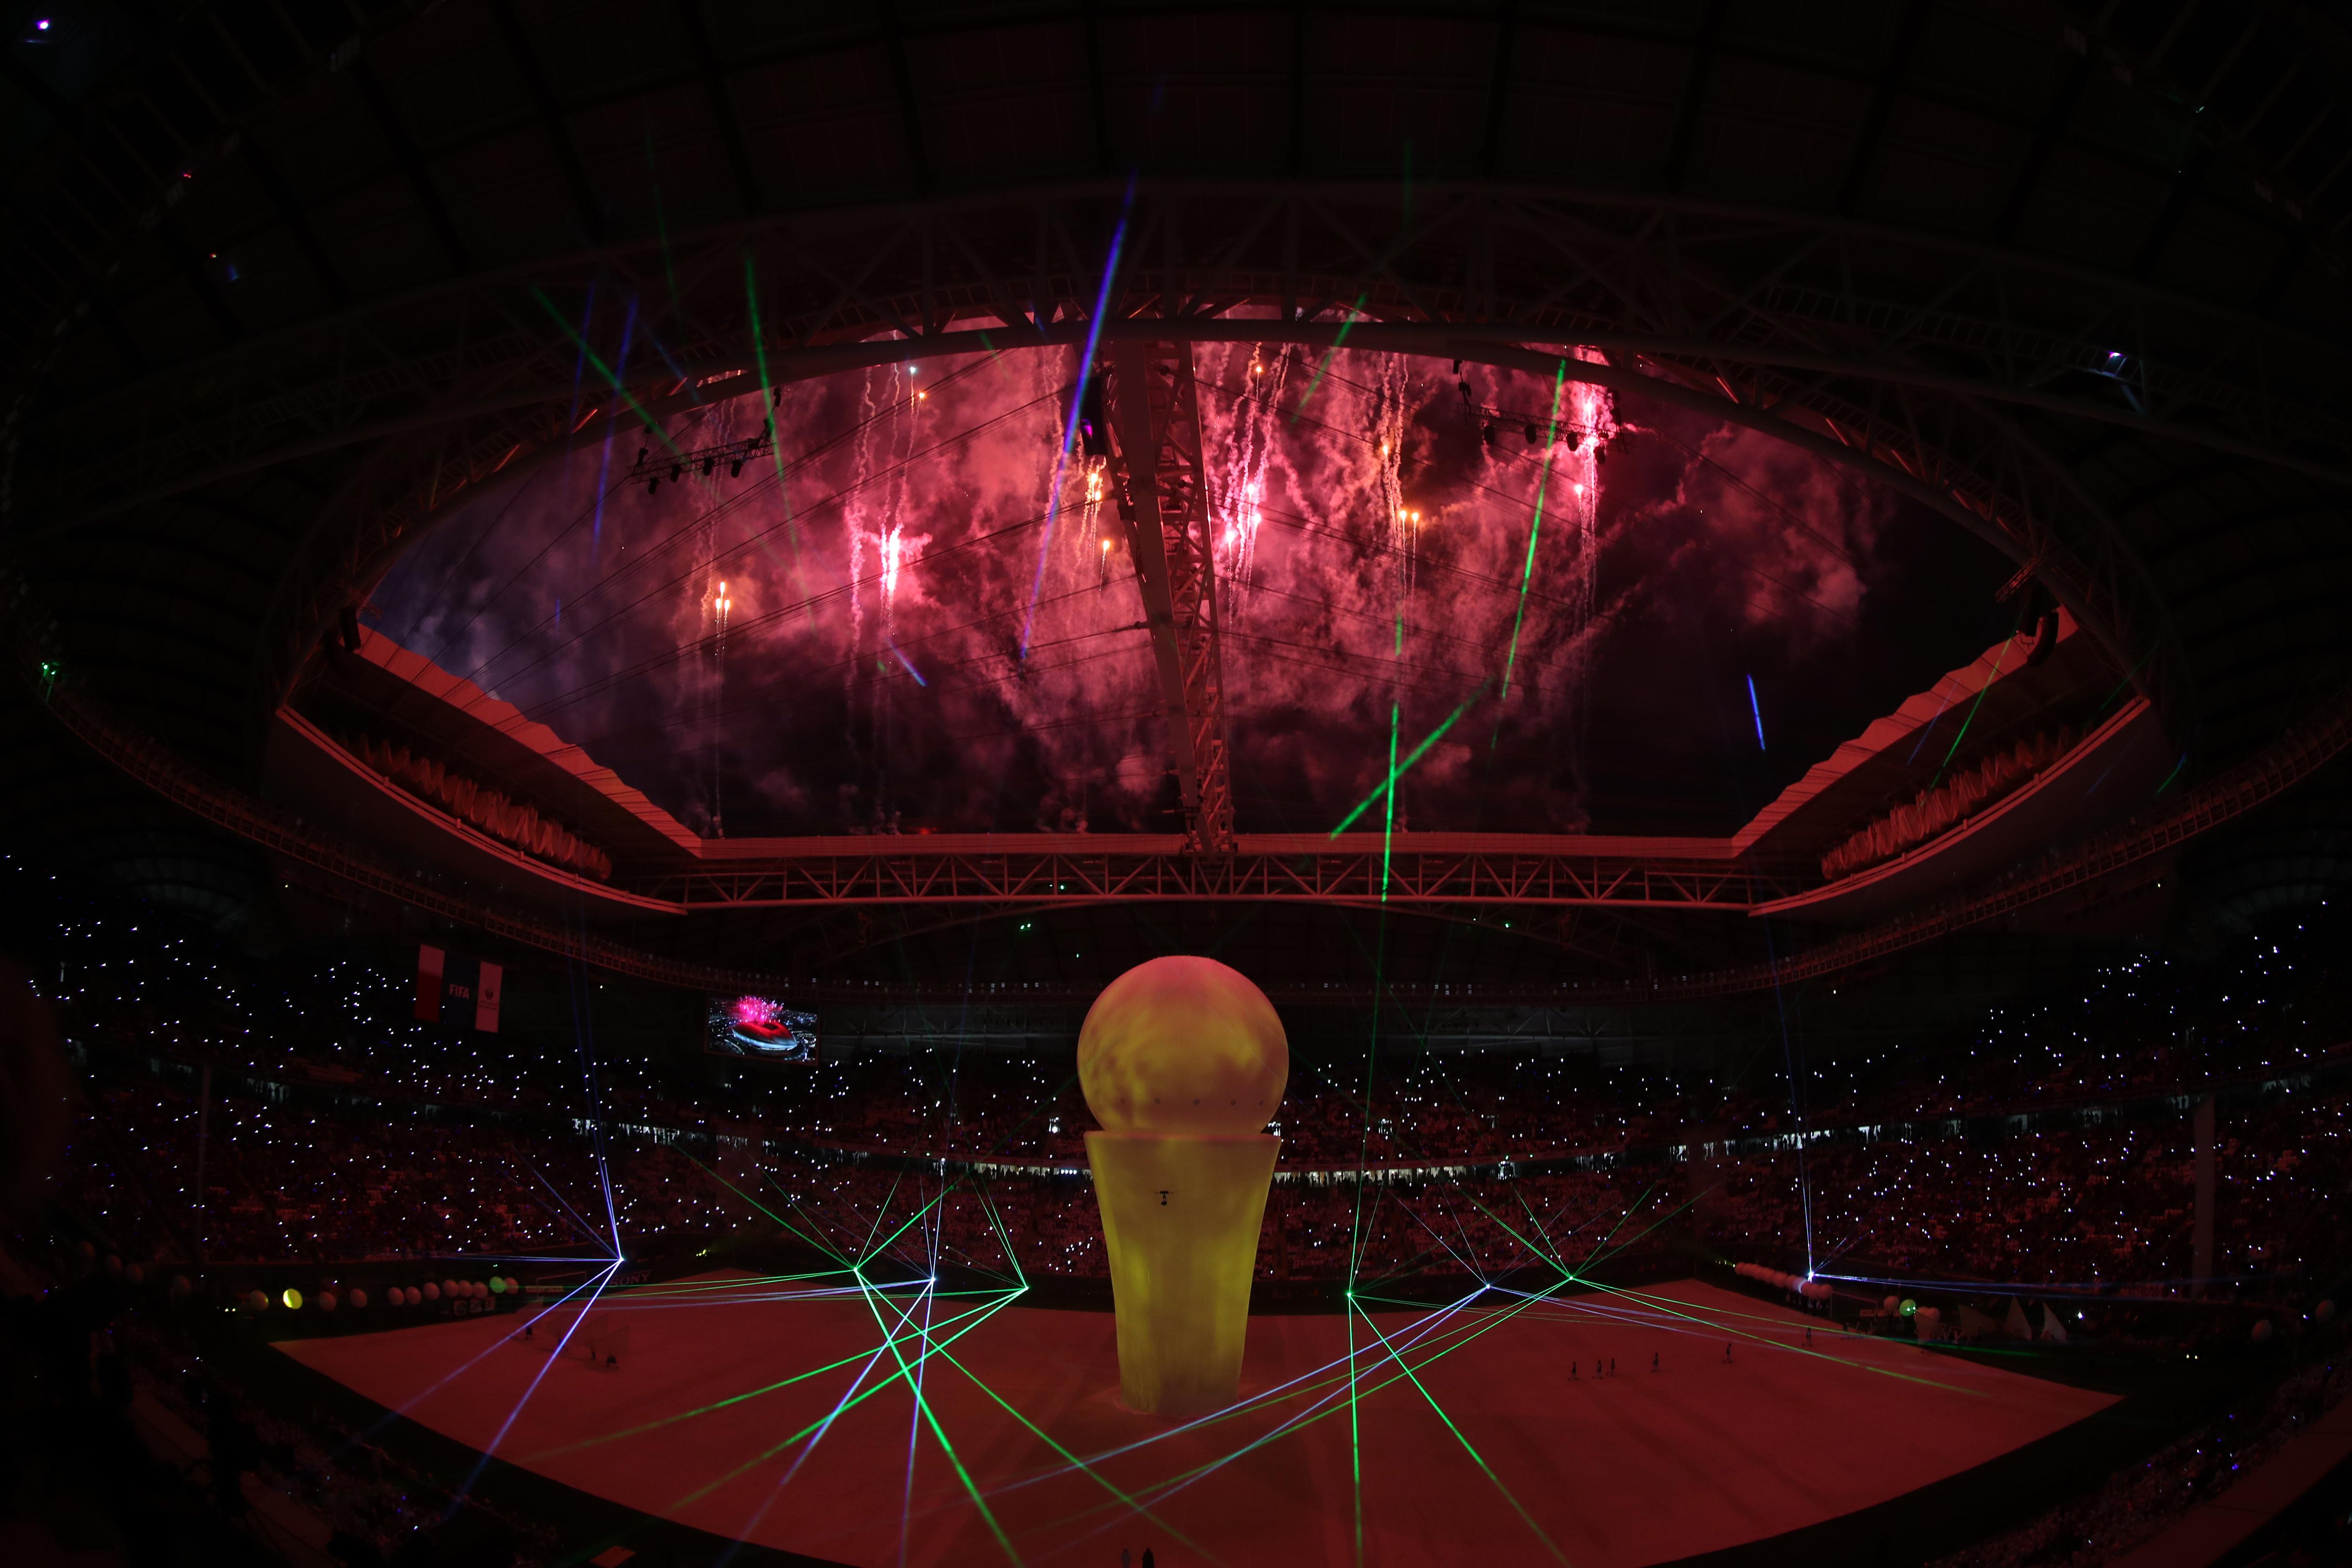 Ceremonia de inauguración del estadio Al Wakrah que será una de las sedes del Mundial Qatar 2022. (Foto Prensa Libre: AFP)